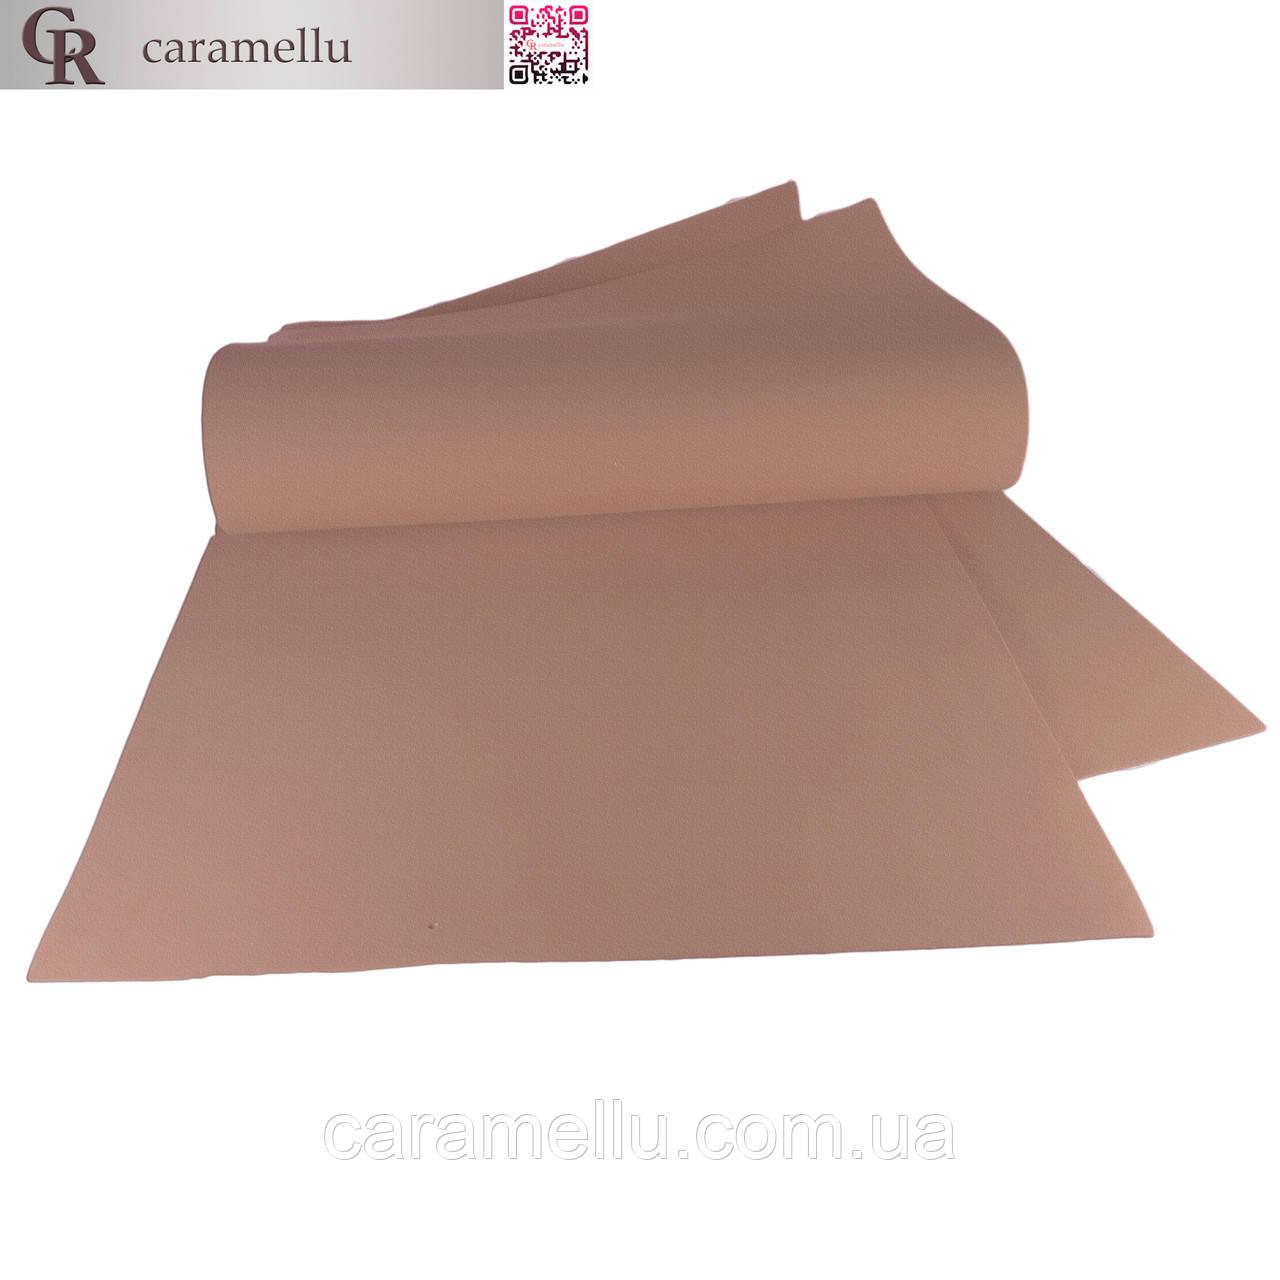 Фоамиран иранский 193, Светло-коричневый, 1мм, 70х60см.